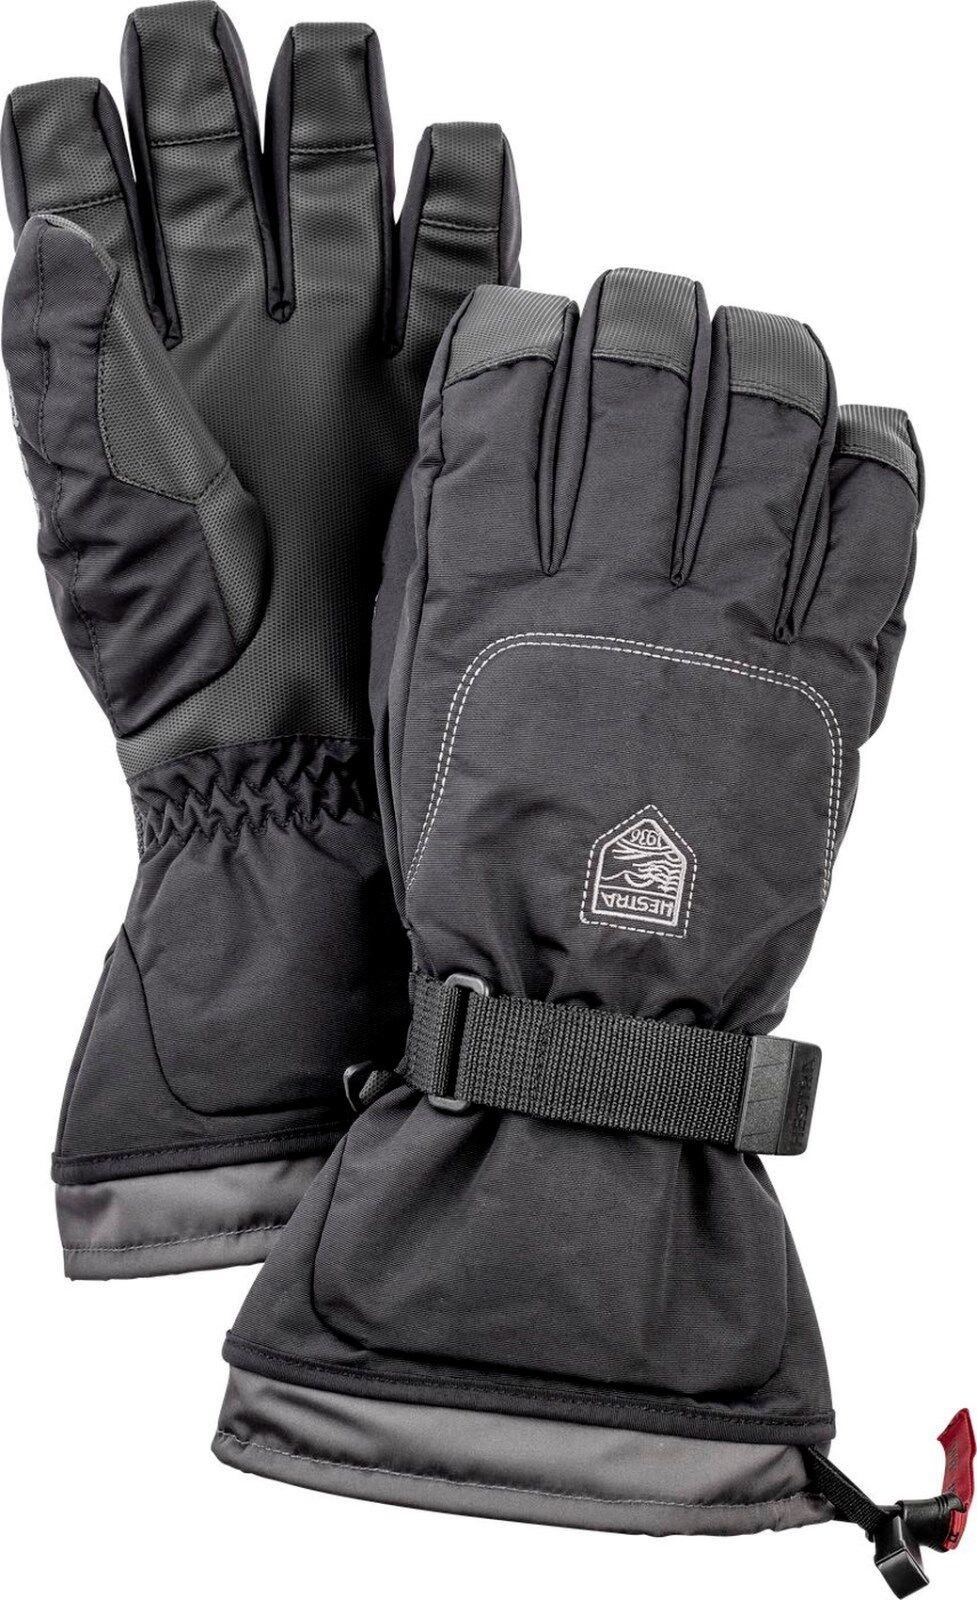 Hestra invierno guantes, esquiar Gauntlet Sr. 5  guante Hestra  nuevo   mejor reputación